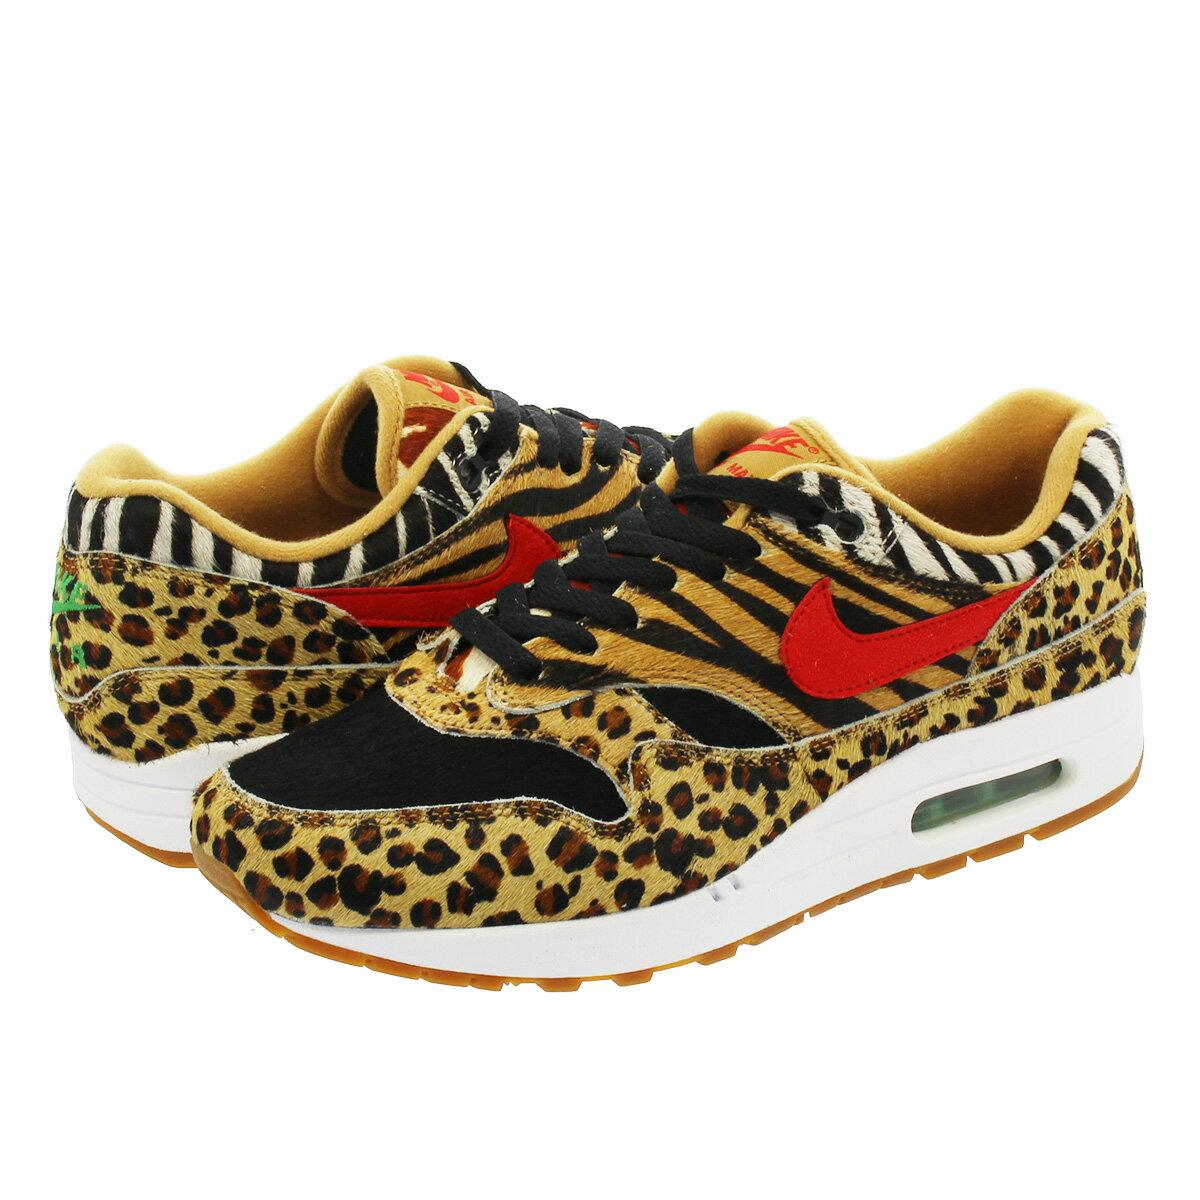 メンズ靴, スニーカー  NIKE AIR MAX 1 DLX atmosANIMAL PACK 1 DLX WHEATBISON CLASSIC GREENSPORT RED aq0928-700